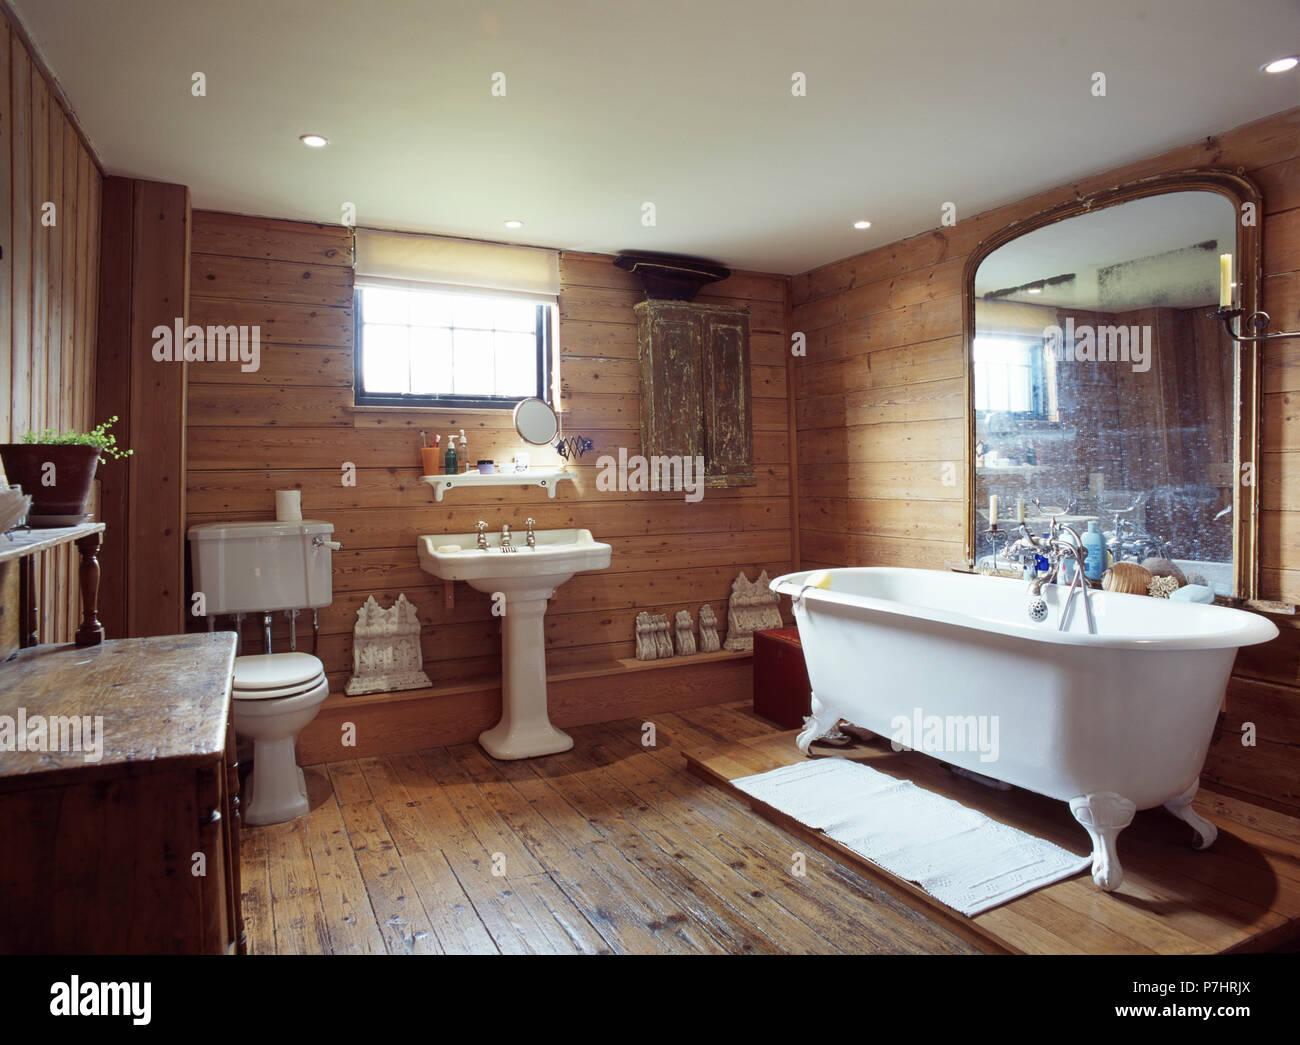 Vasca Da Bagno Con Pannelli : Pareti in pannelli di legno e pavimento in paese bagno con grande